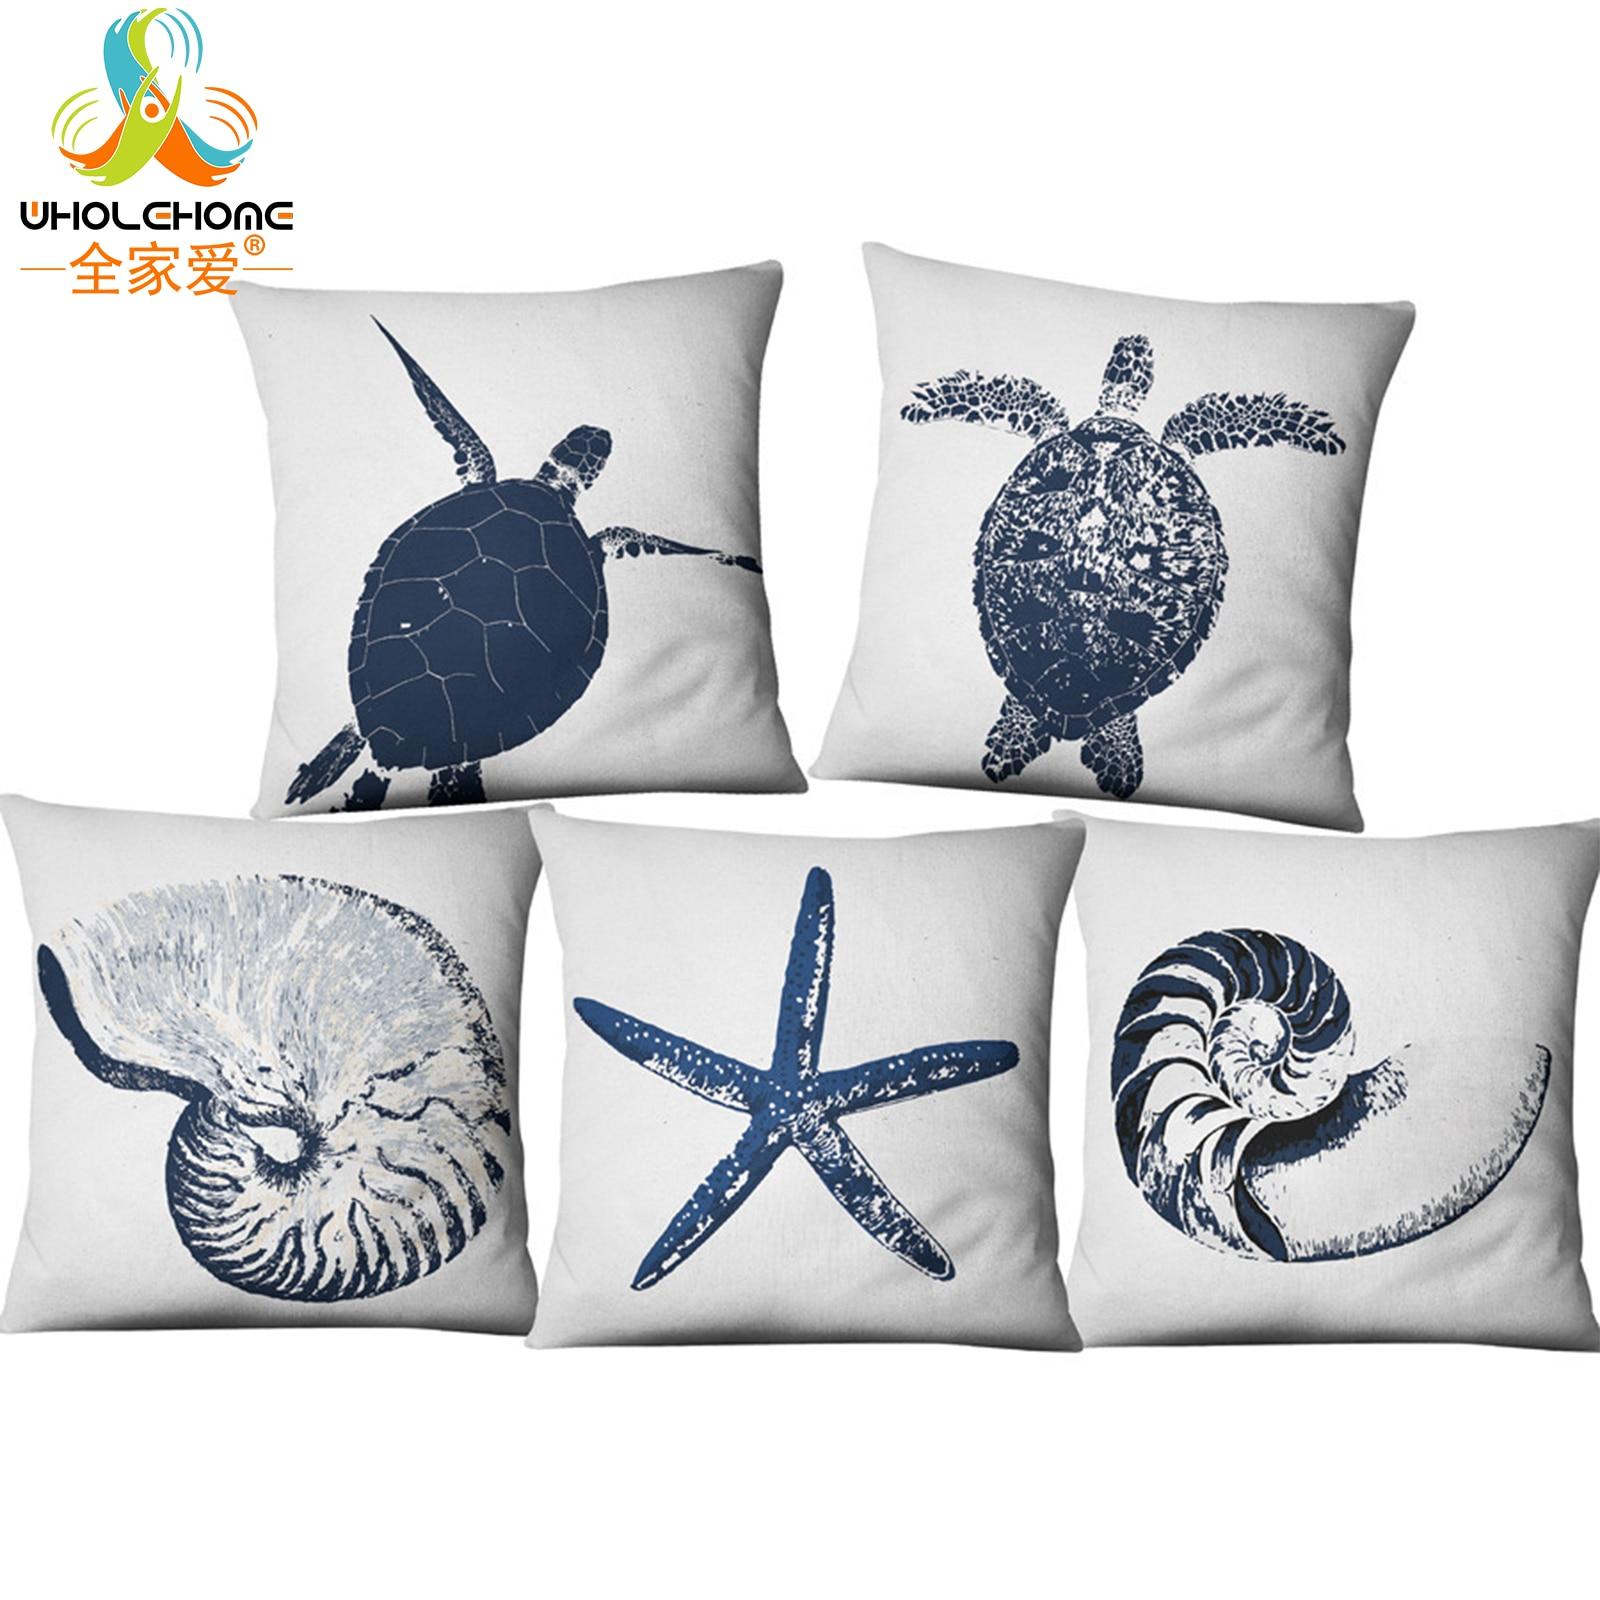 Ocean Sea Animals Pillowslip Throw Pillow Case Cushion Cover Home Decor Supplies